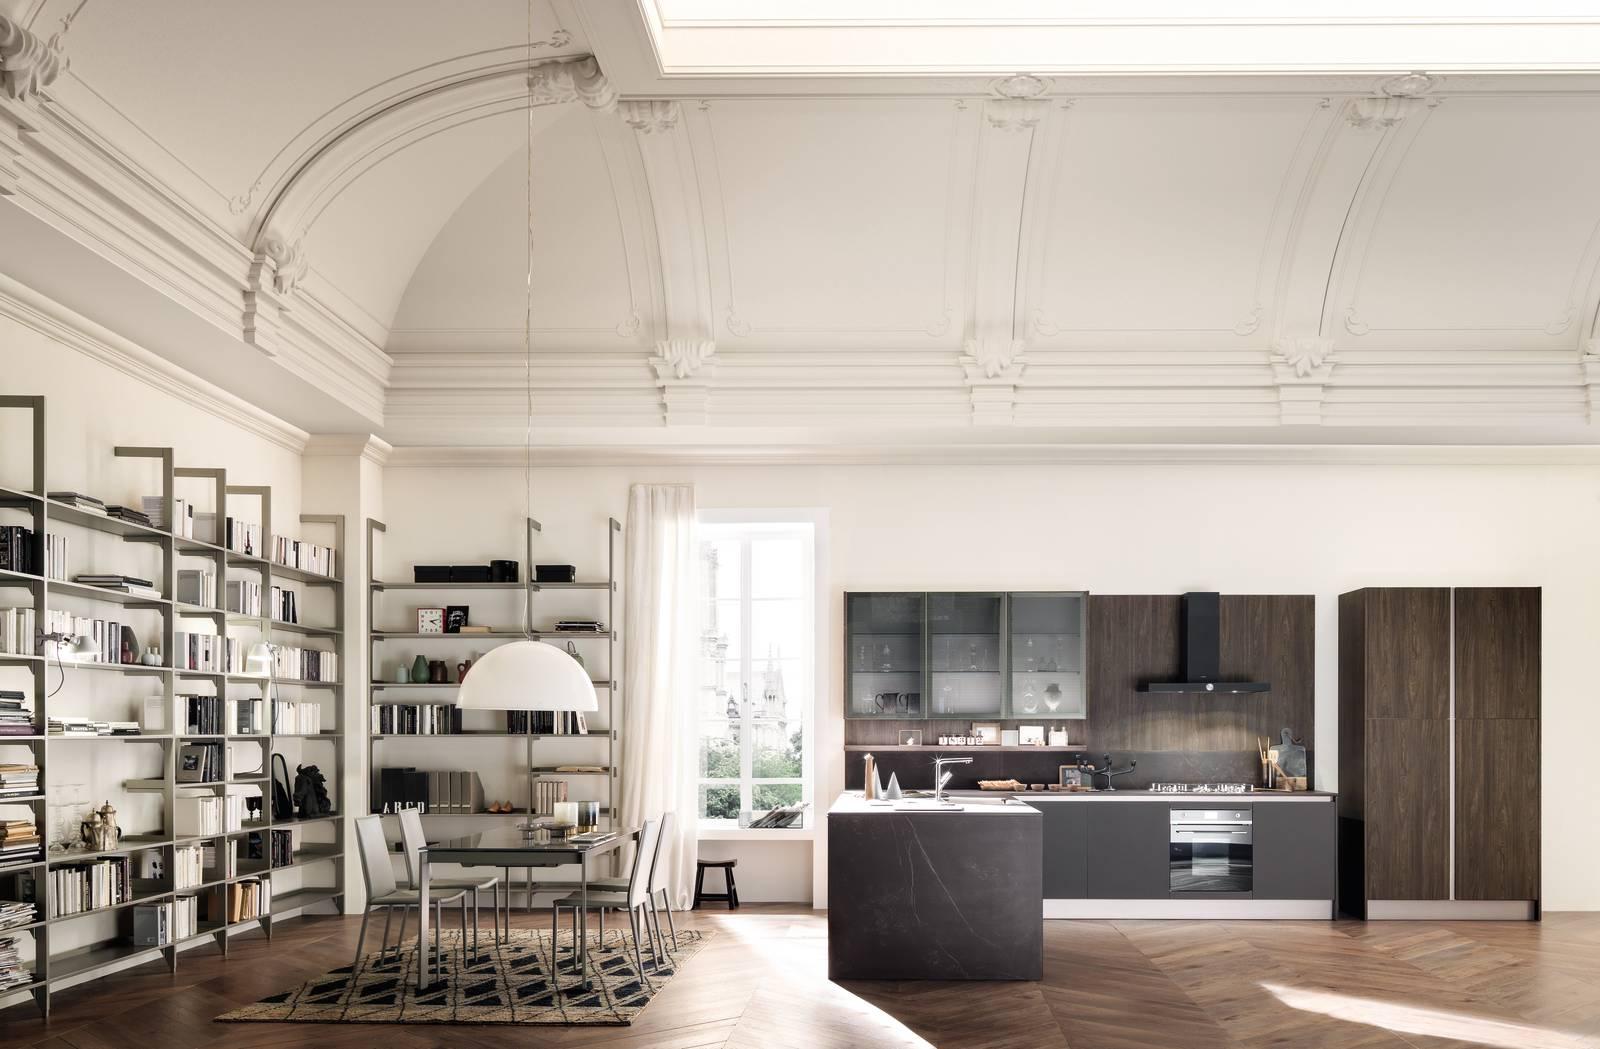 Cucine Stosa Prezzi 2018 come scegliere la cucina in 5 semplici punti - arredo casa roma